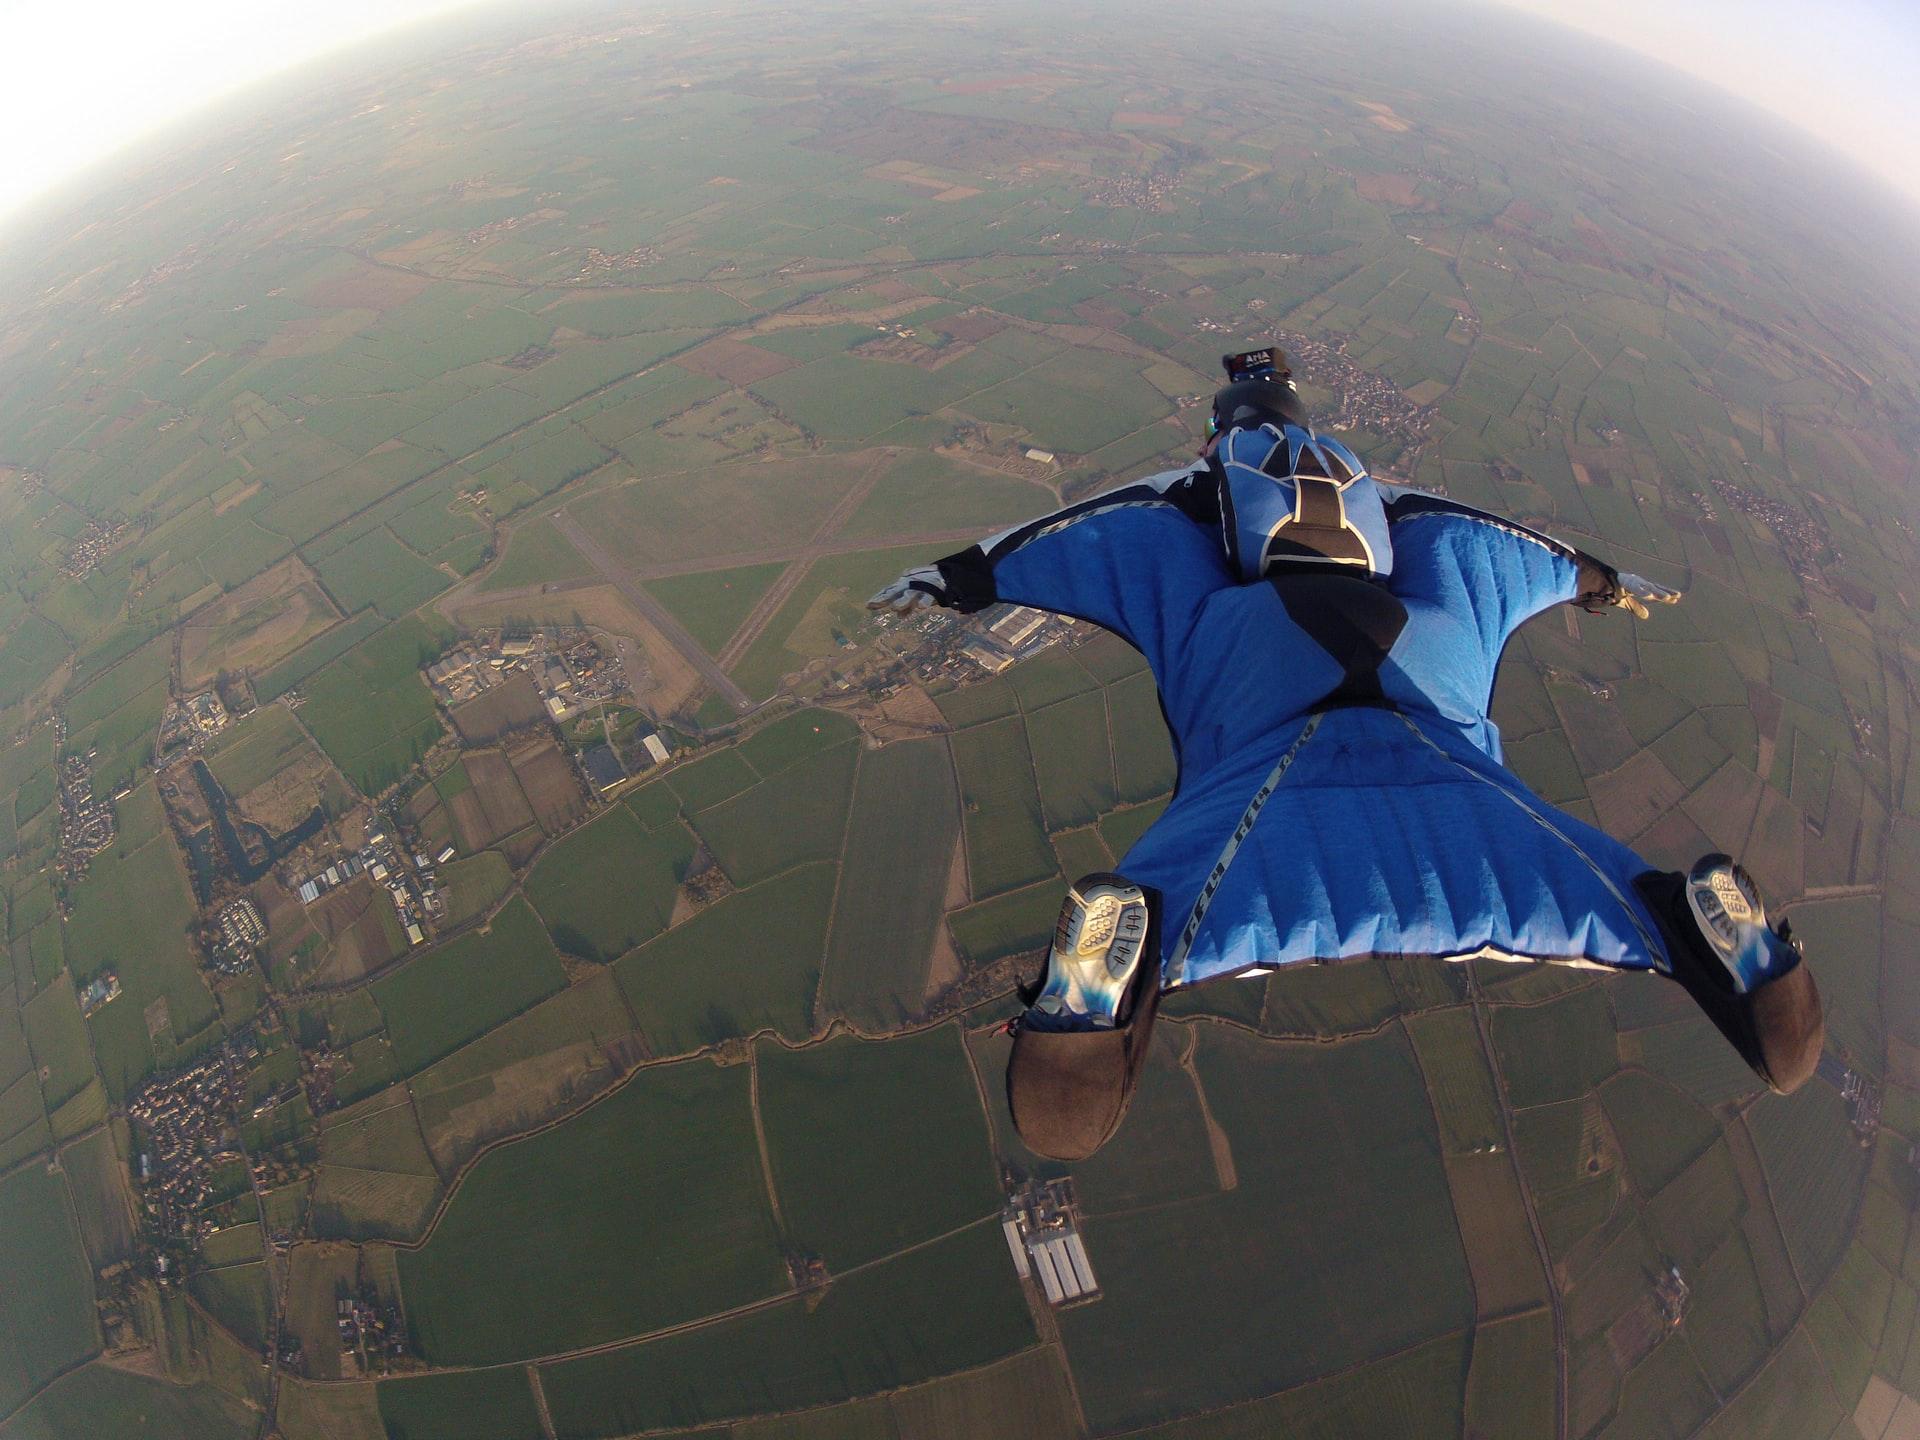 Τα 9 καλύτερα μέρη του κόσμου για να κάνεις skydiving